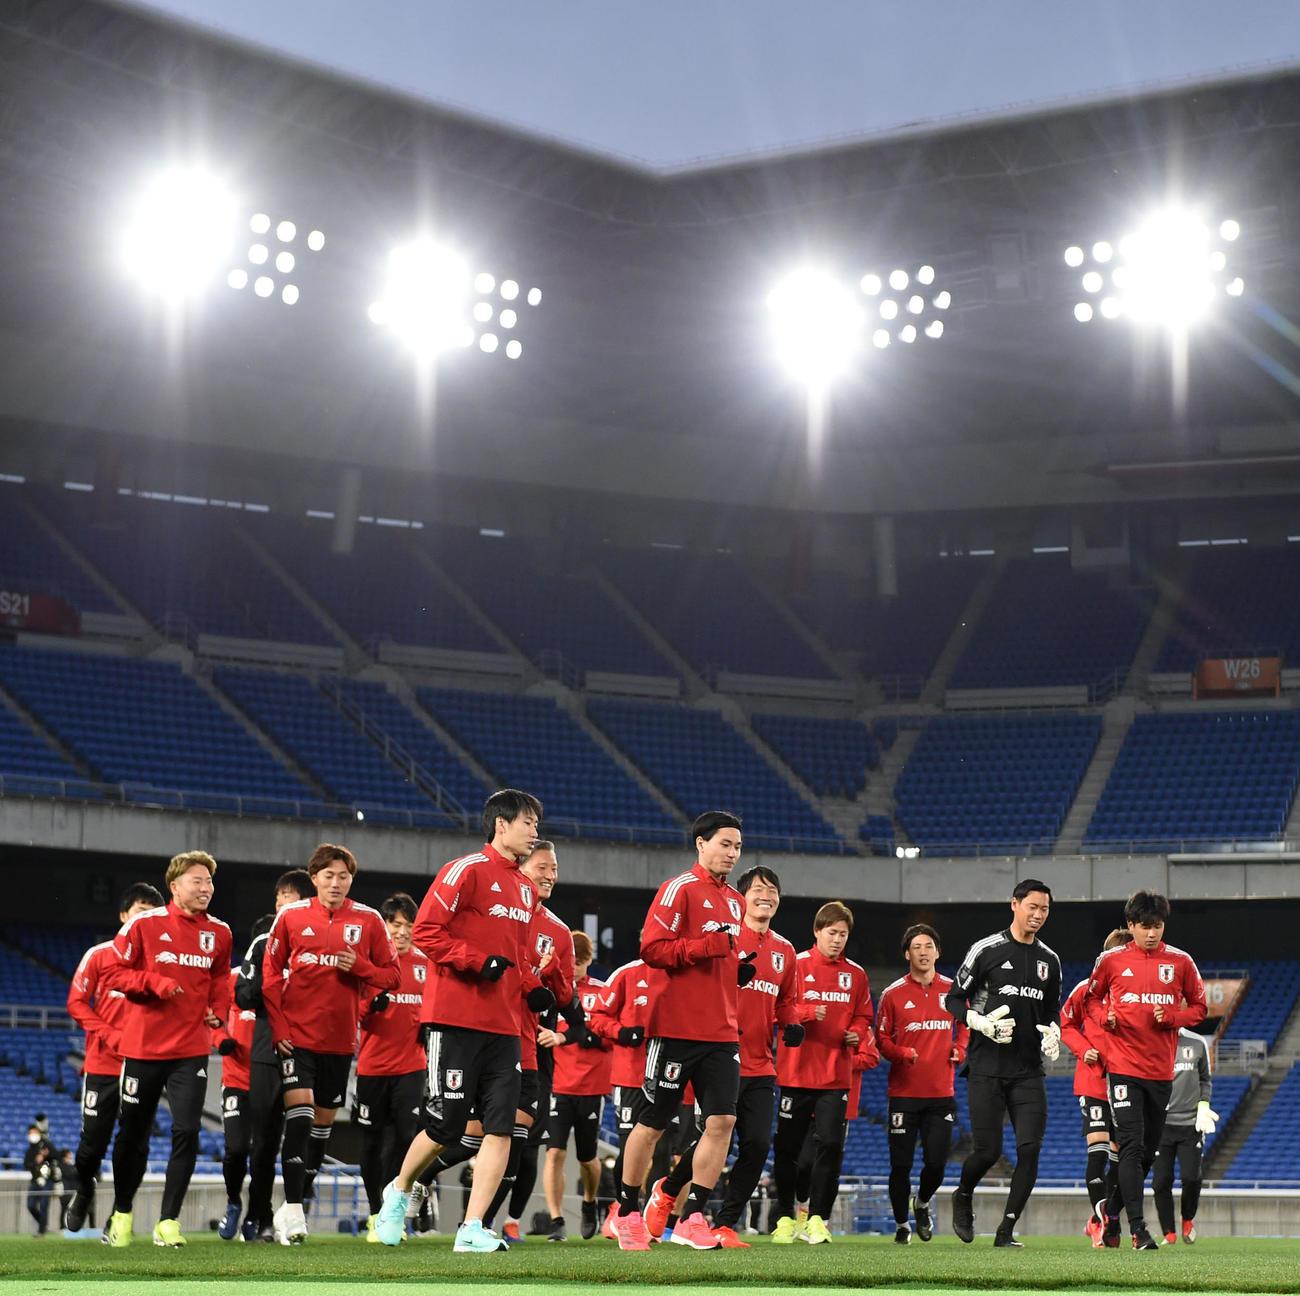 ライトに照らされながらランニングをする日本代表の選手たち(撮影・横山健太)